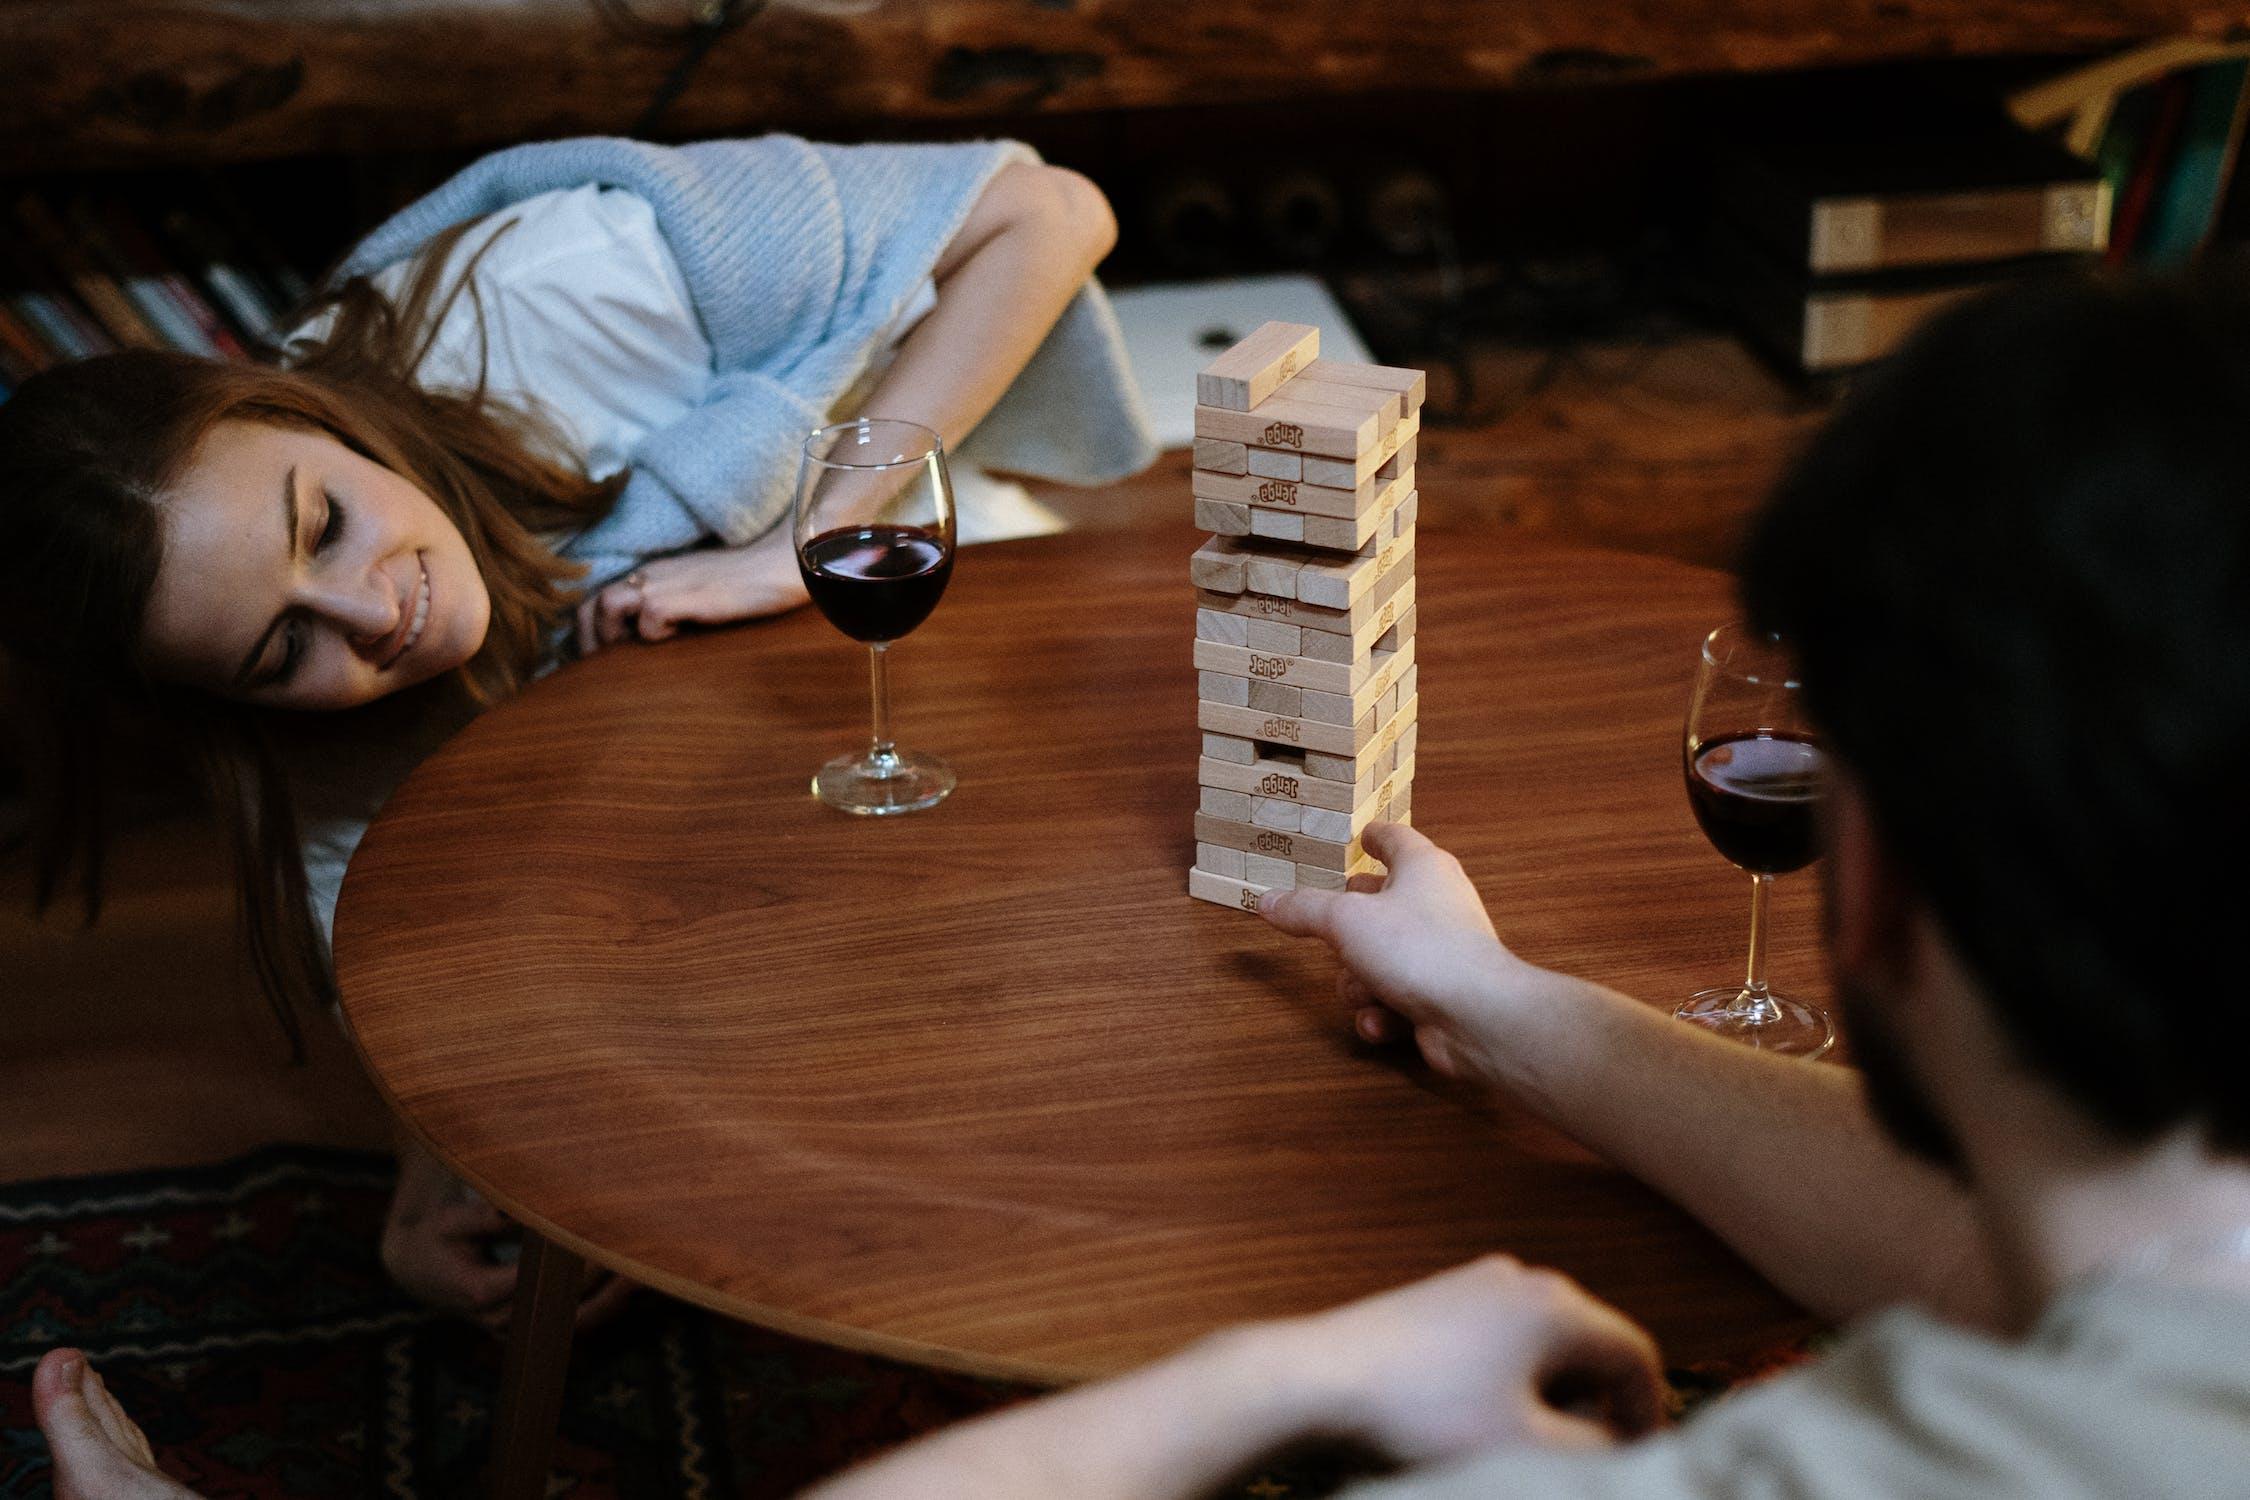 Mladý pár hraje dovednostní hru Jenga